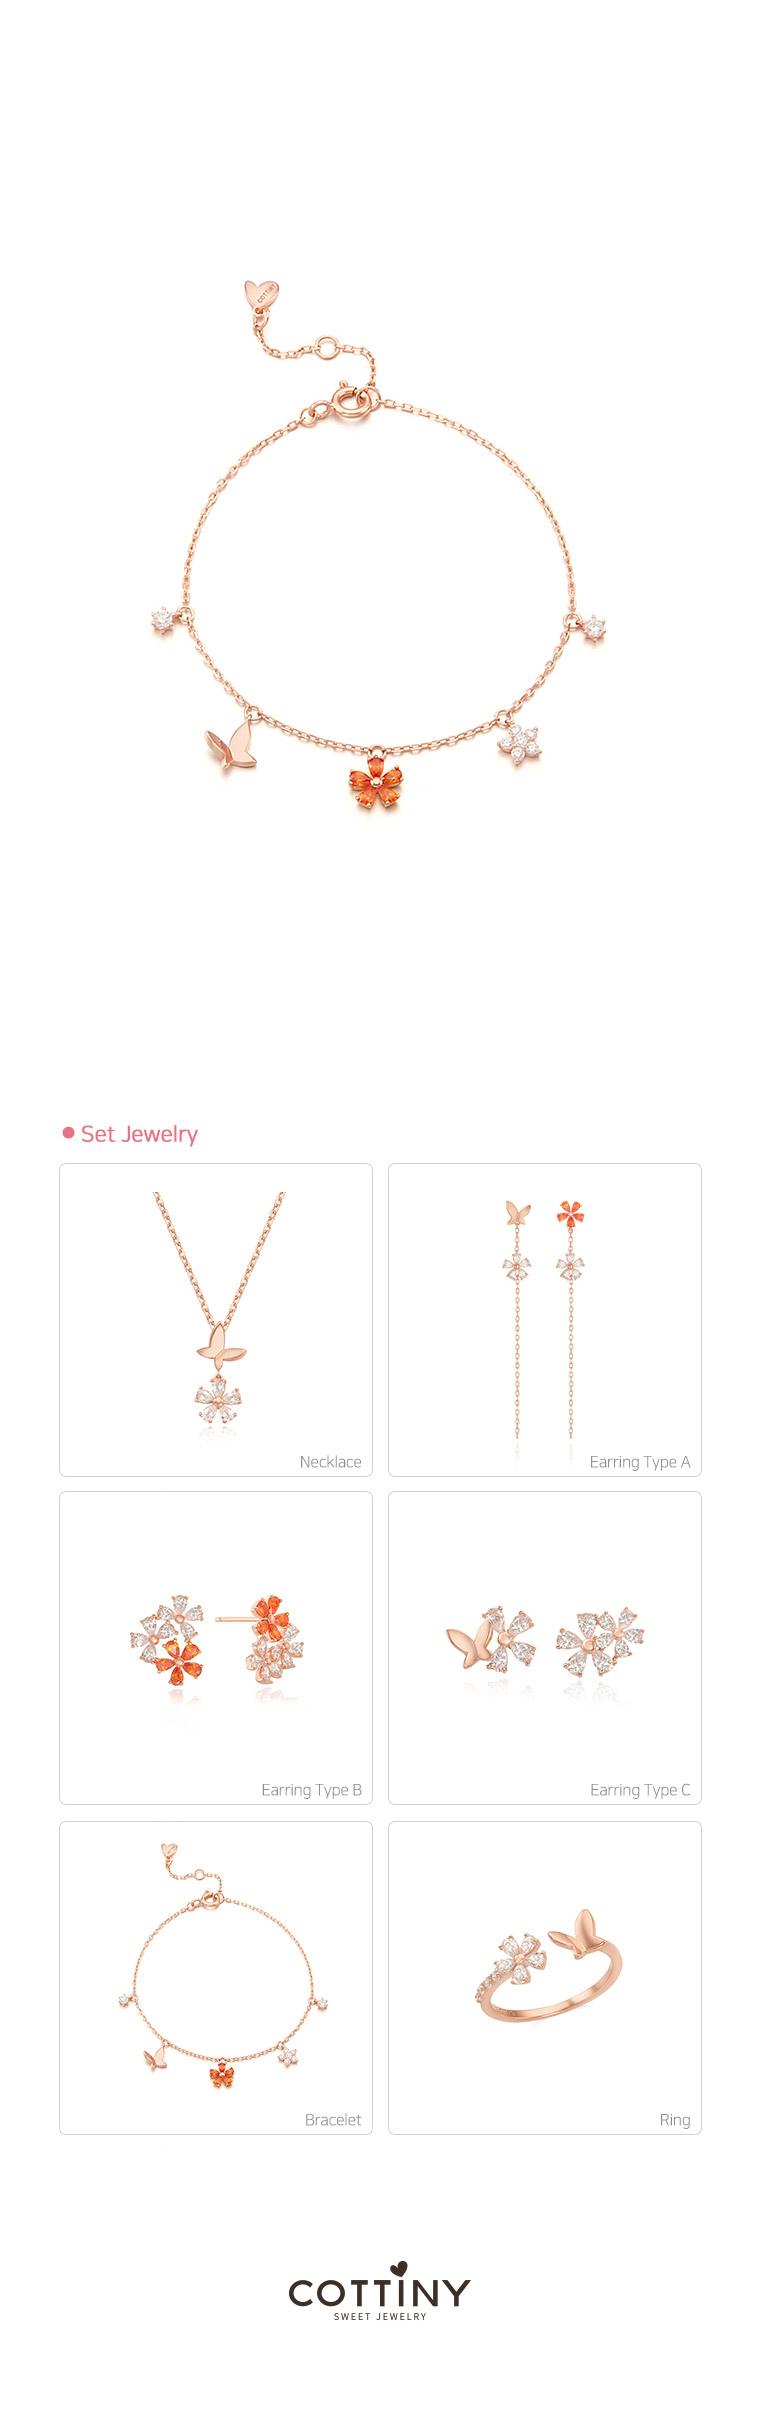 꽃비 팔찌_SBB1011PF - 코티니, 39,000원, 팔찌, 패션팔찌